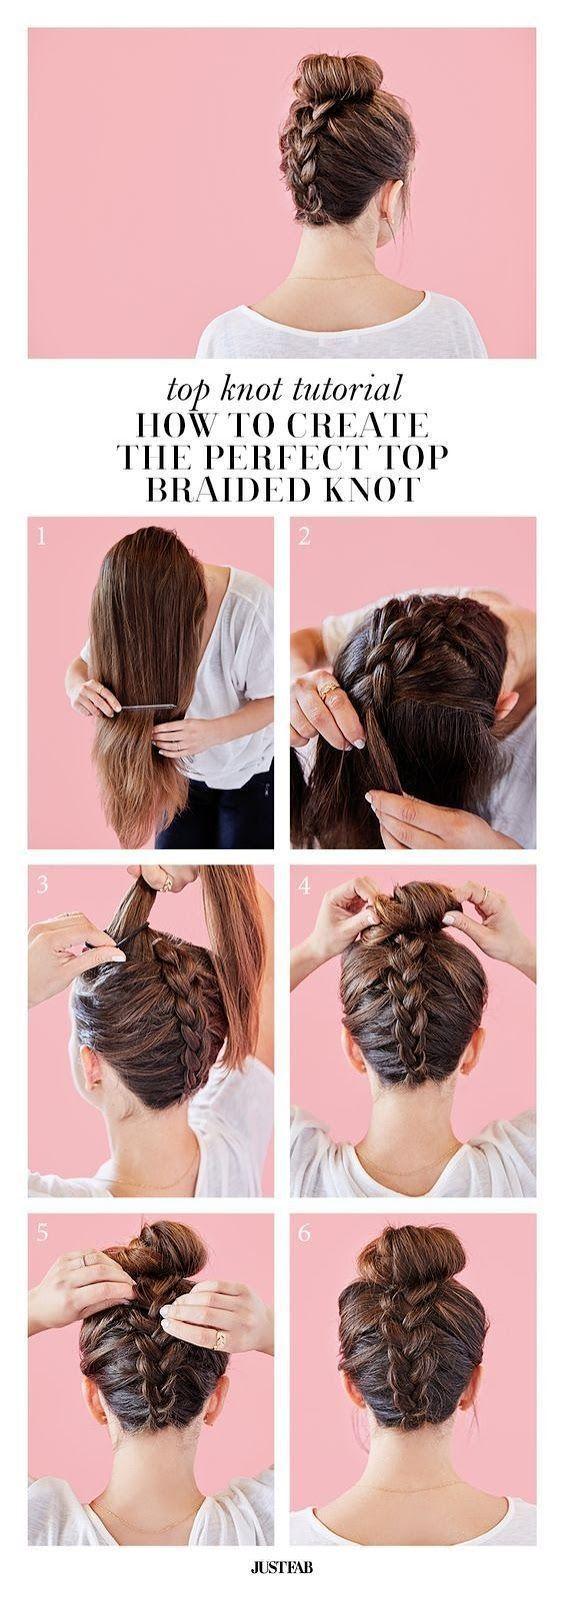 20 Süße Frisuren, Die Extrem Einfach Zu Tun Sind 20 süße Frisuren, die extrem einfach zu tun sind HairStyles what hairstyles suits me